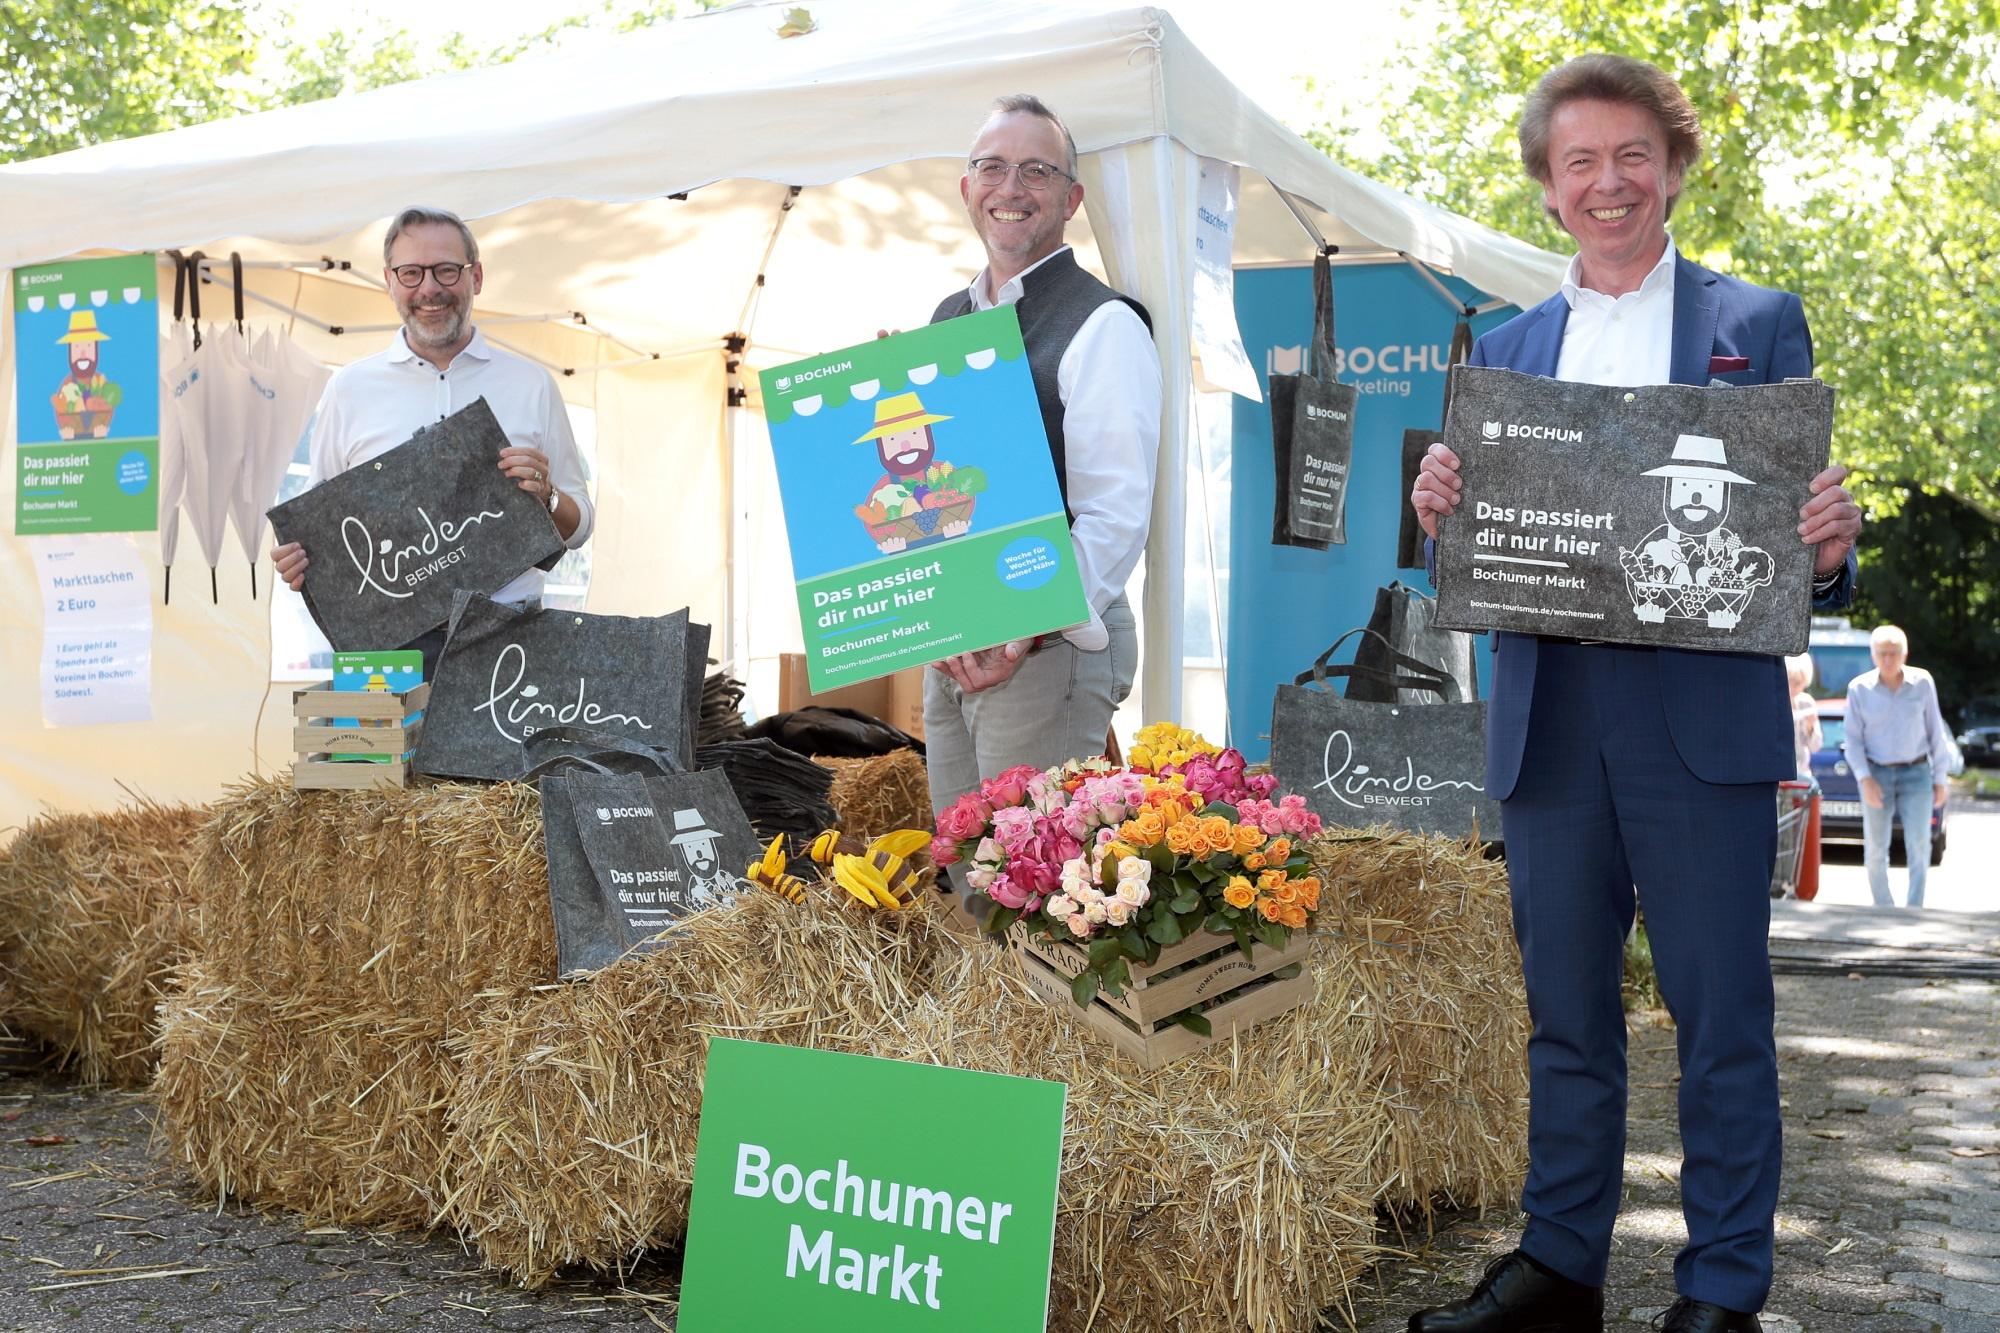 Wochenmärkte in Bochum: Neuer Markt in Linden birgt viel Potential